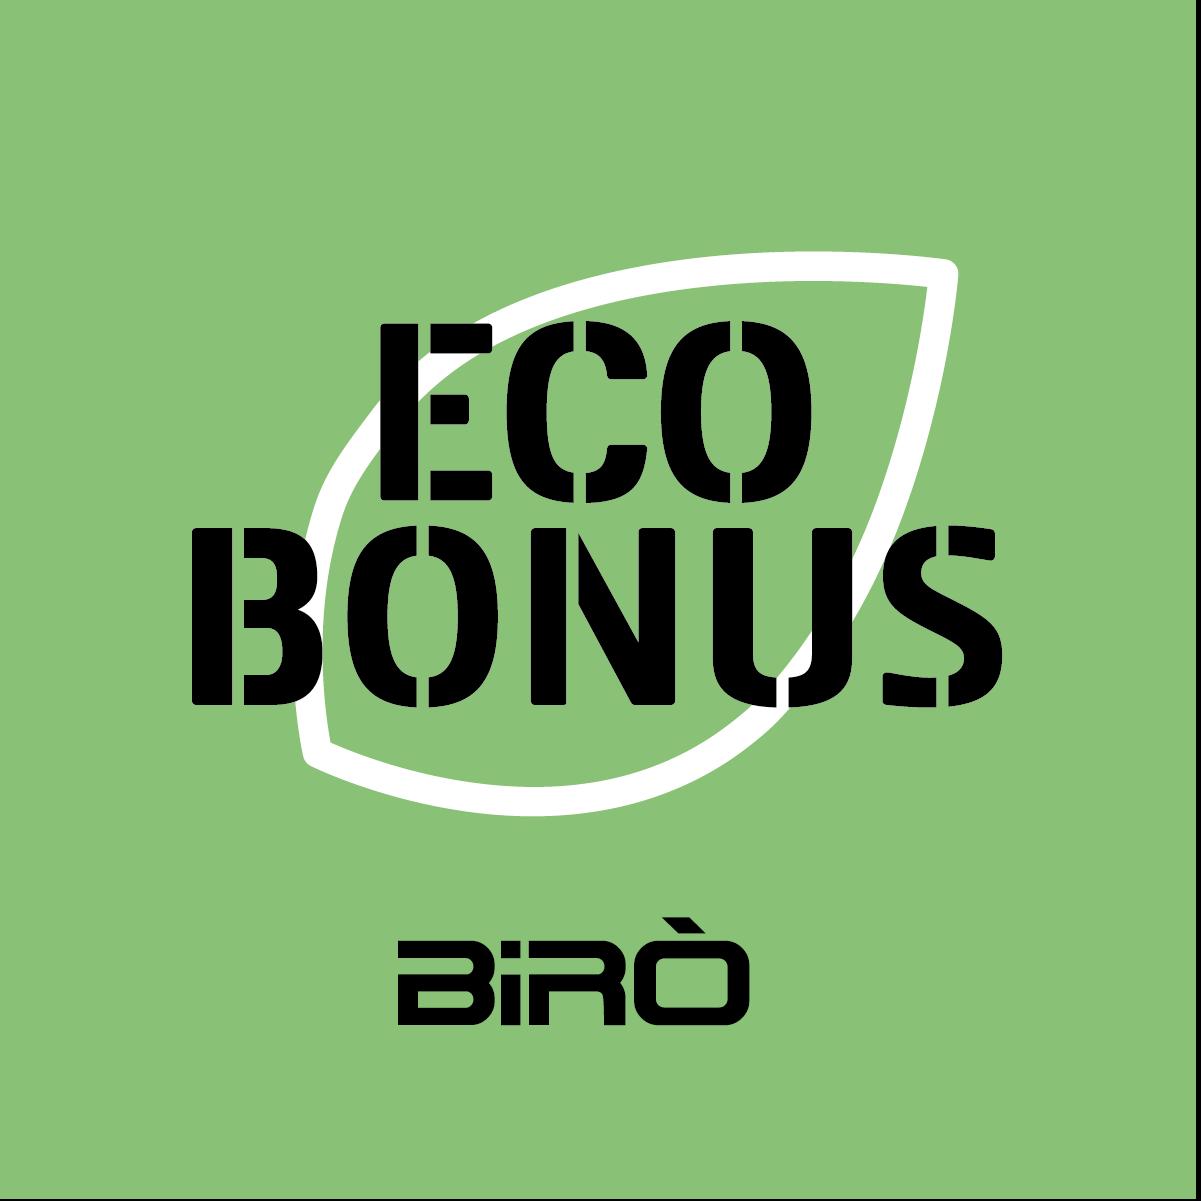 Ecobonus statali finalmente disponibili per acquistare il tuo Birò